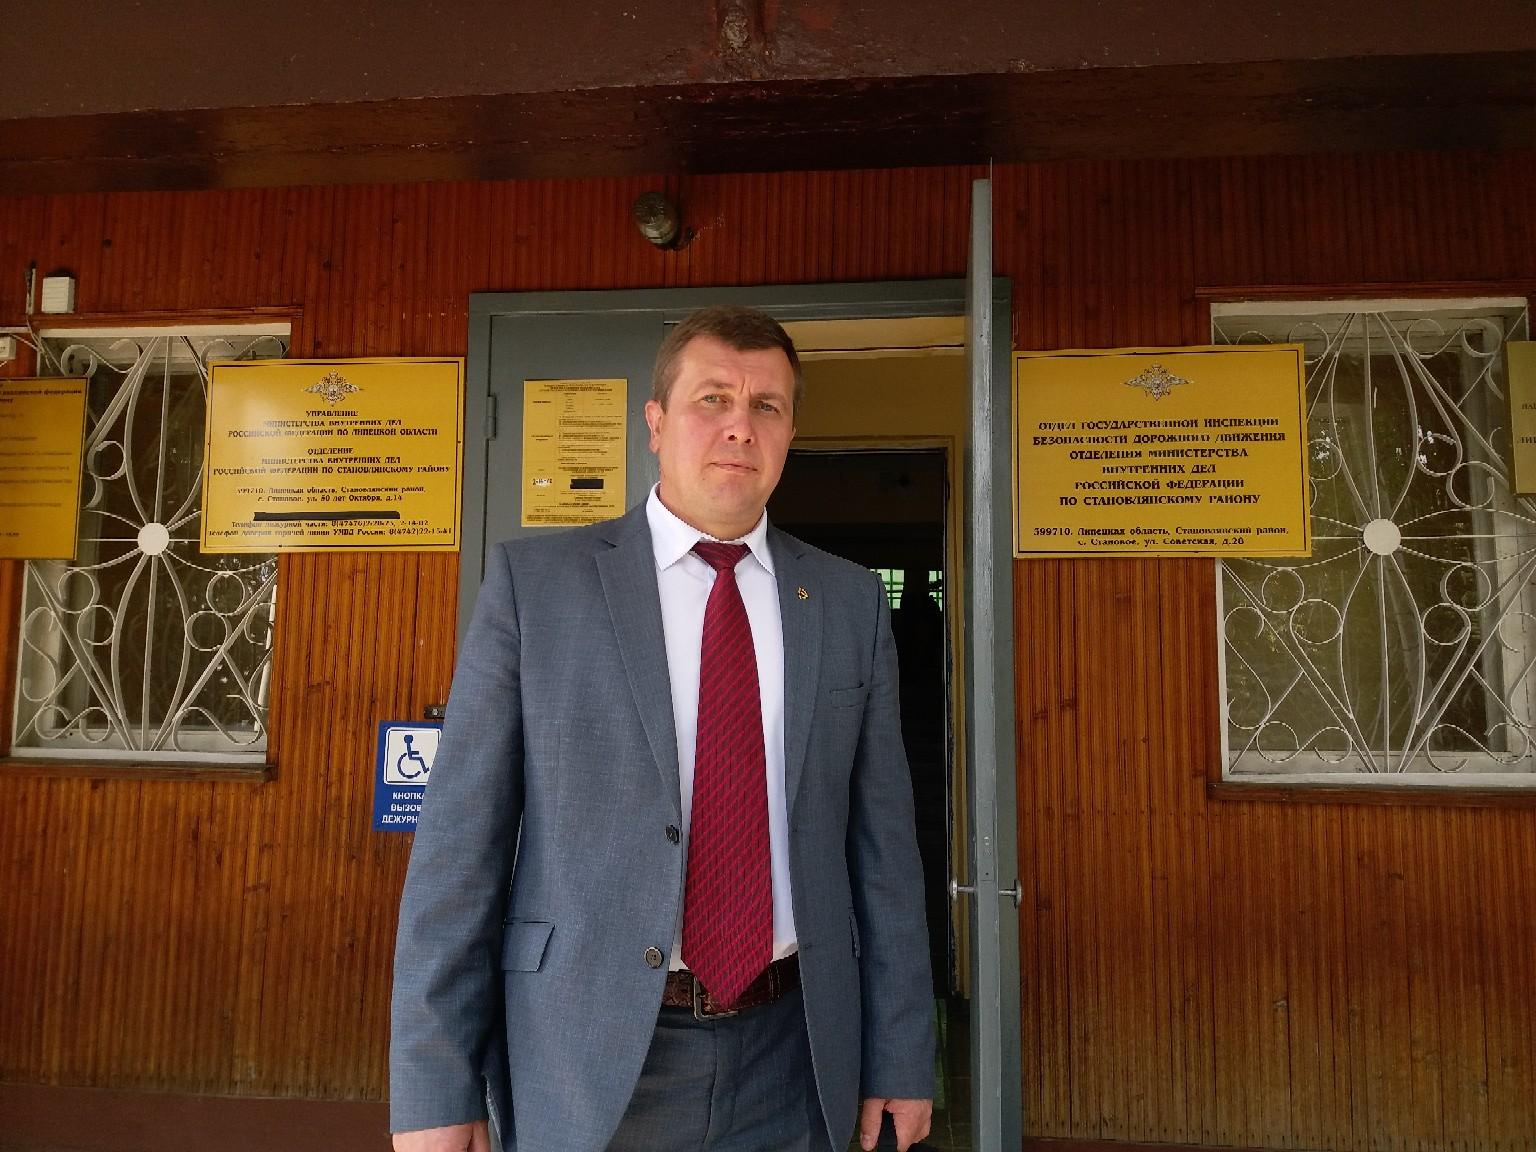 Публикуем видео визита кандидата от КПРФ Сергея Токарева в Становлянский район.